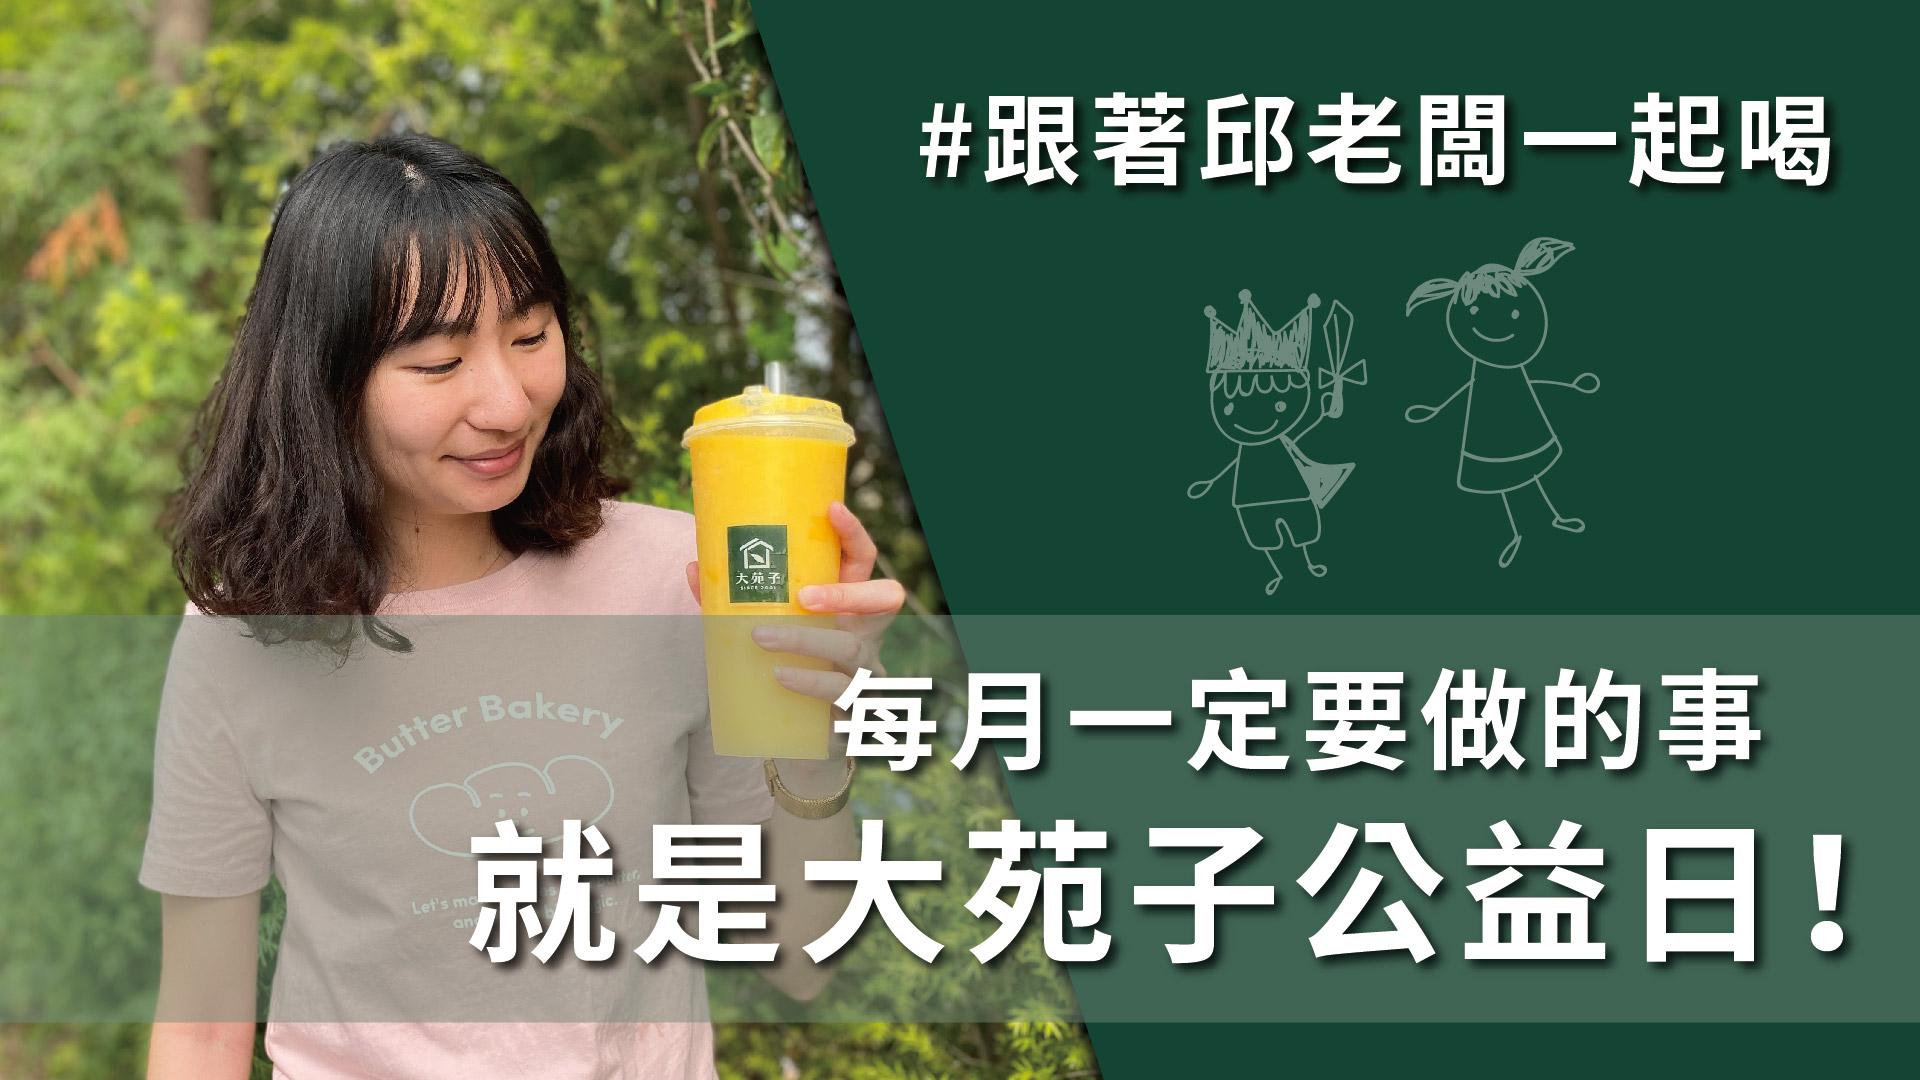 芭樂檸檬酸甜好滋味,讓您感受最清爽的口感,身為飲料控的你喝起來!  #4月29日 #DAY228